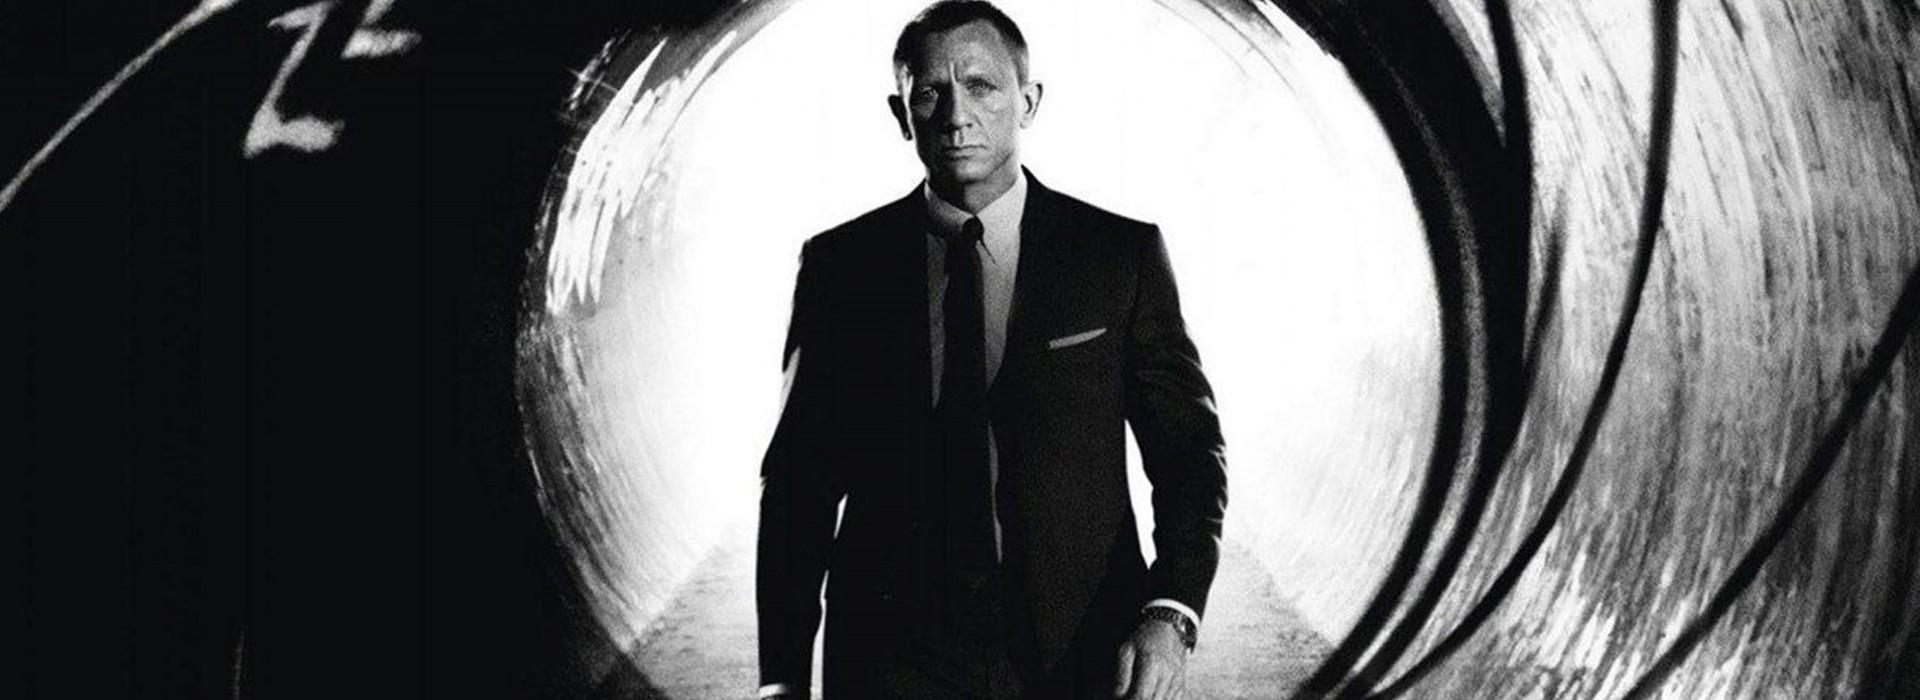 En 2020, James Bond revient au cinéma